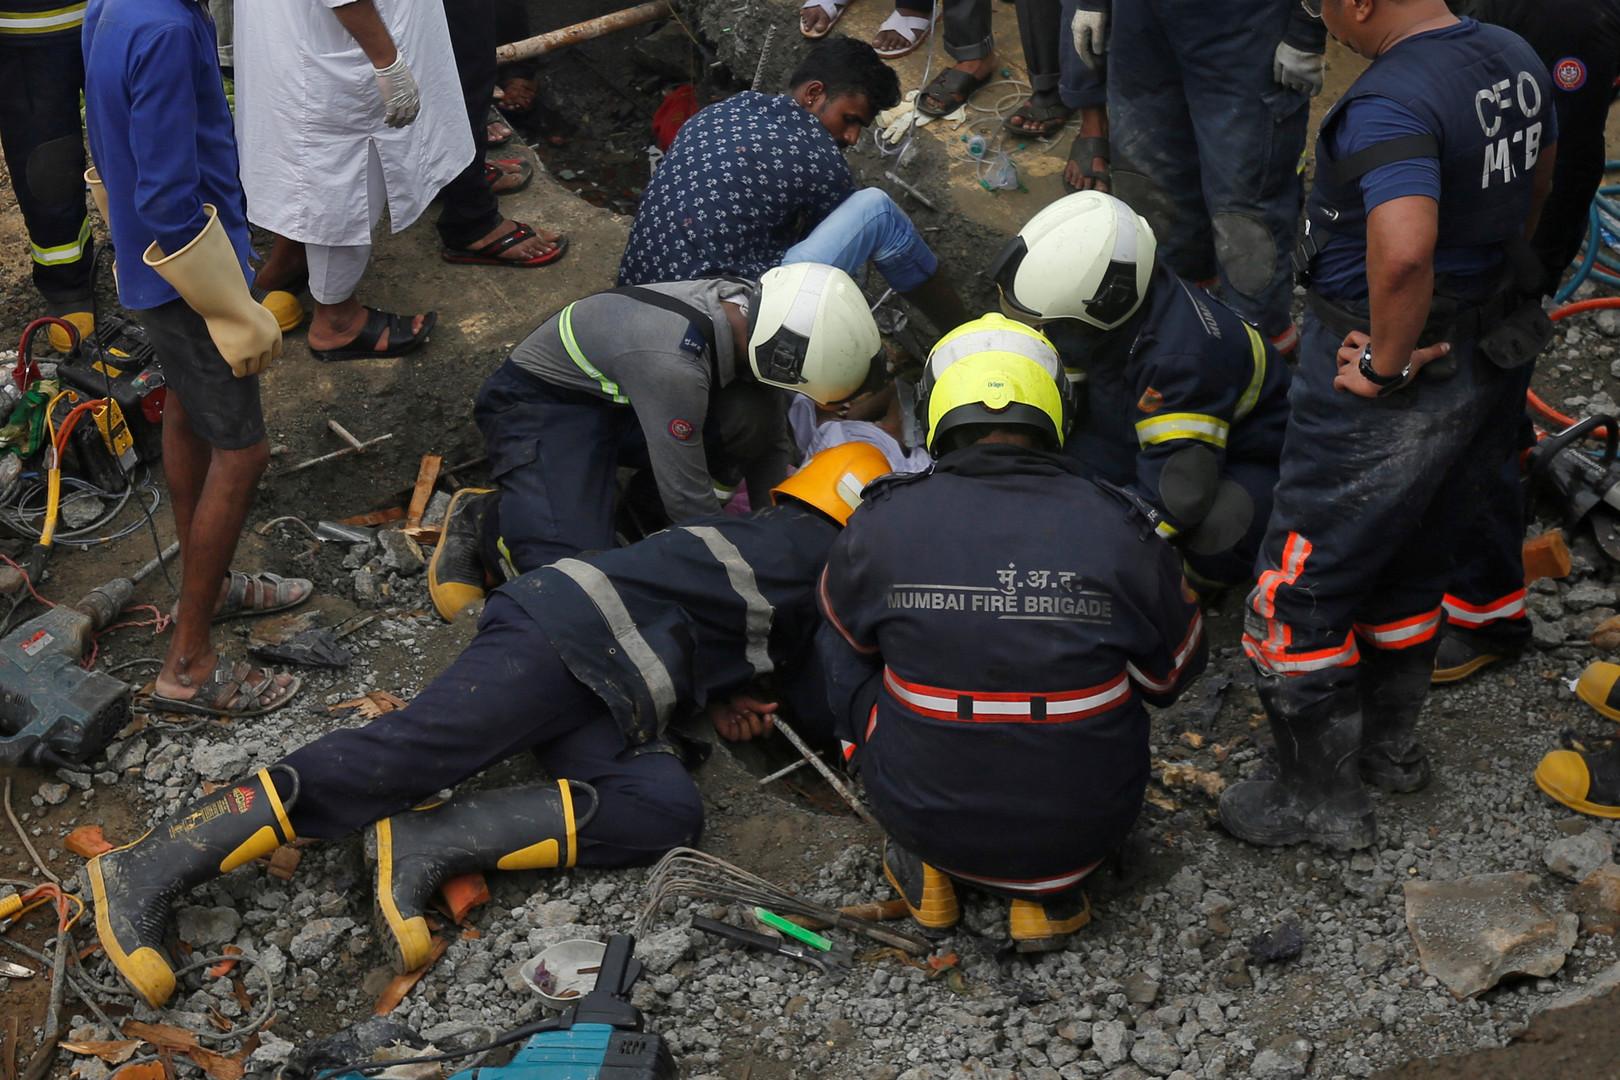 وسائل إعلام: مصرع 12 شخصا على الأقل جراء انهيار مبنى في مومباي بالهند